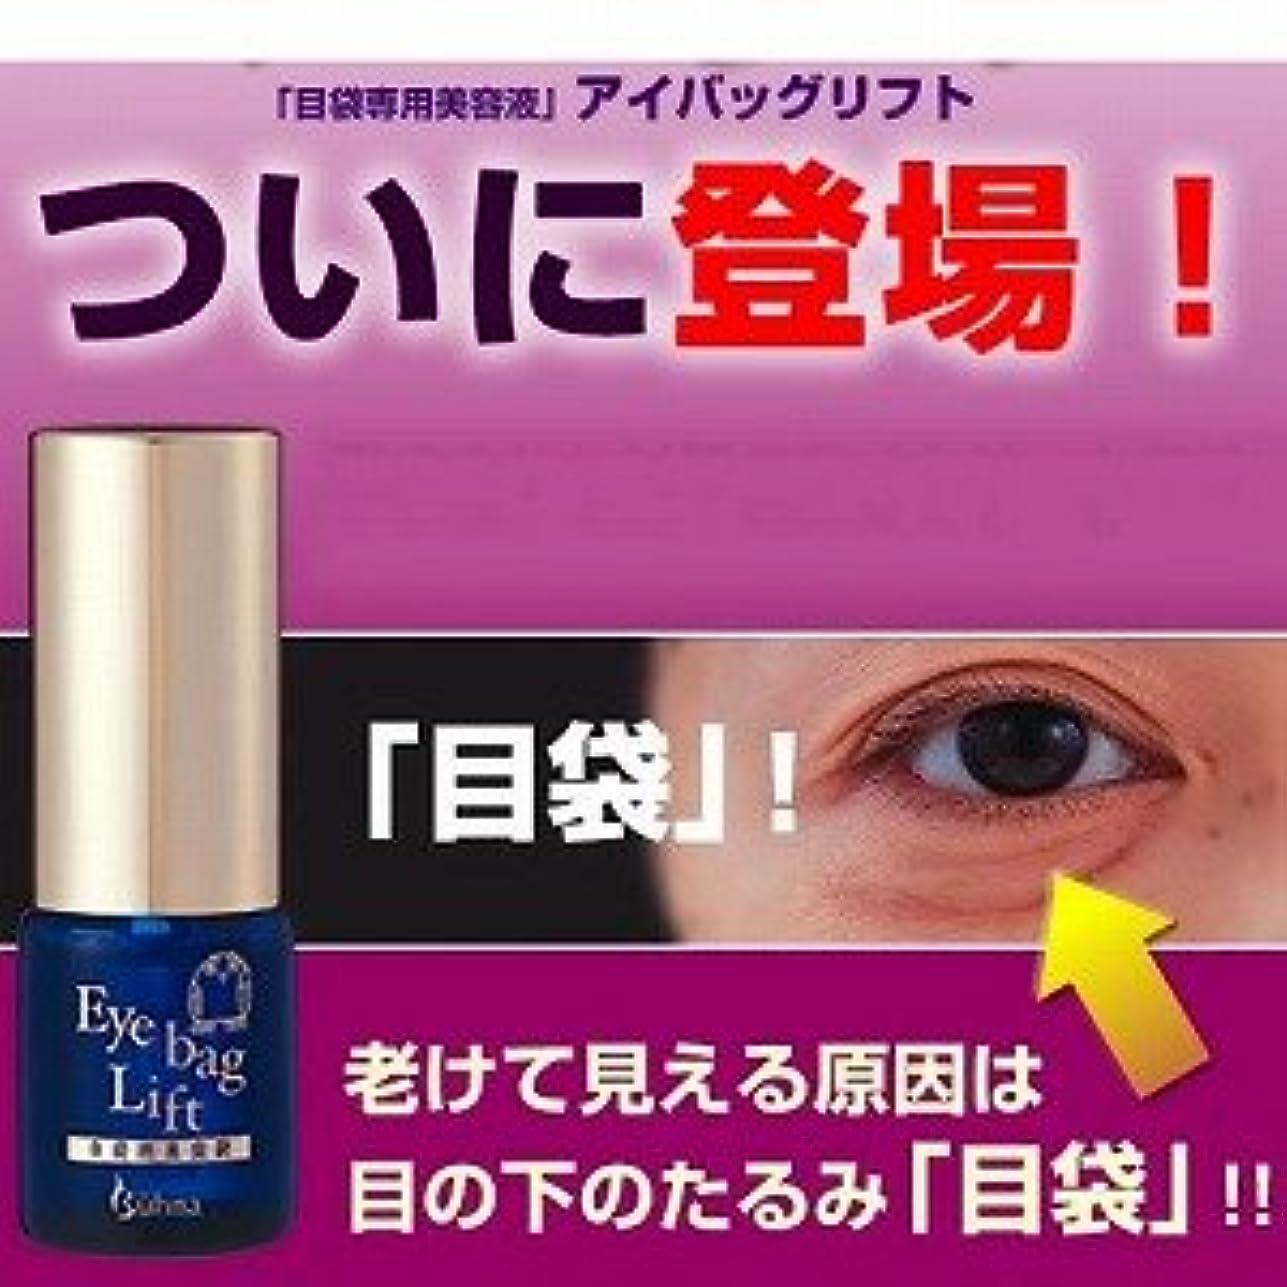 何でもシダタイピスト老けて見える原因は、目元、目の下のたるみ「目袋」『目袋専用美容液 アイバッグリフト』